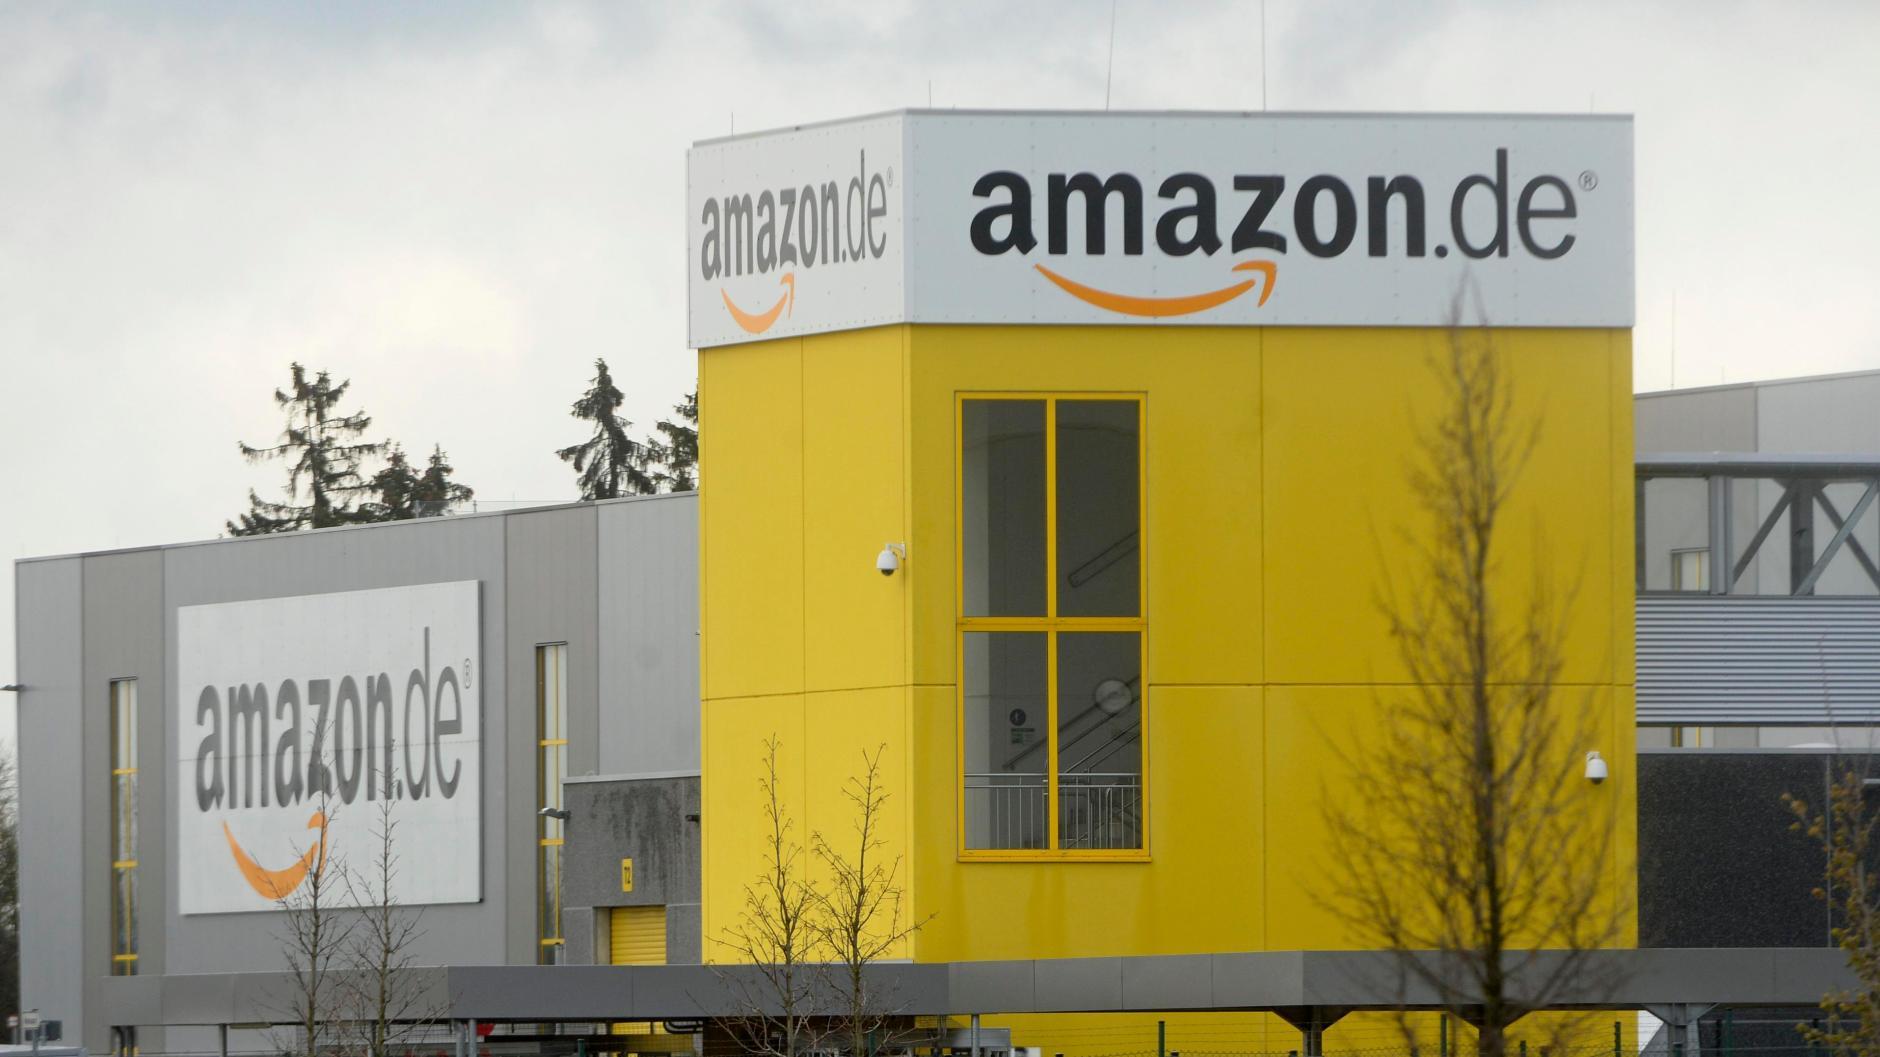 Amazon Graben Telefonnummer